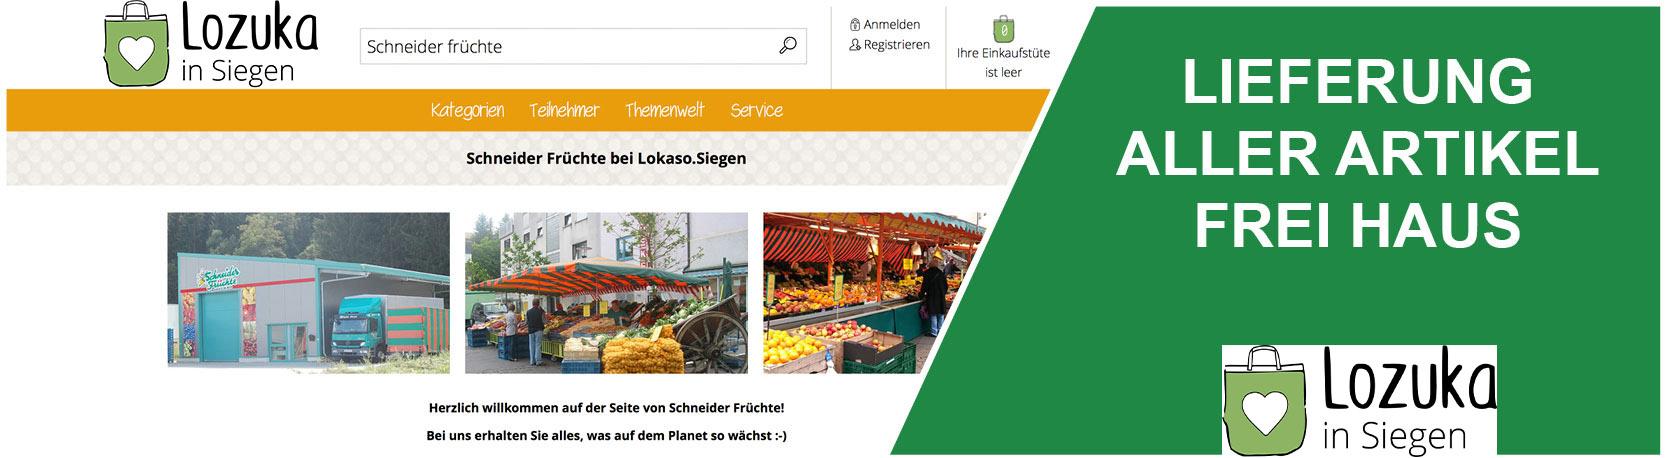 Teaser Lokaso - Schneider Früchte bei Lokaso!